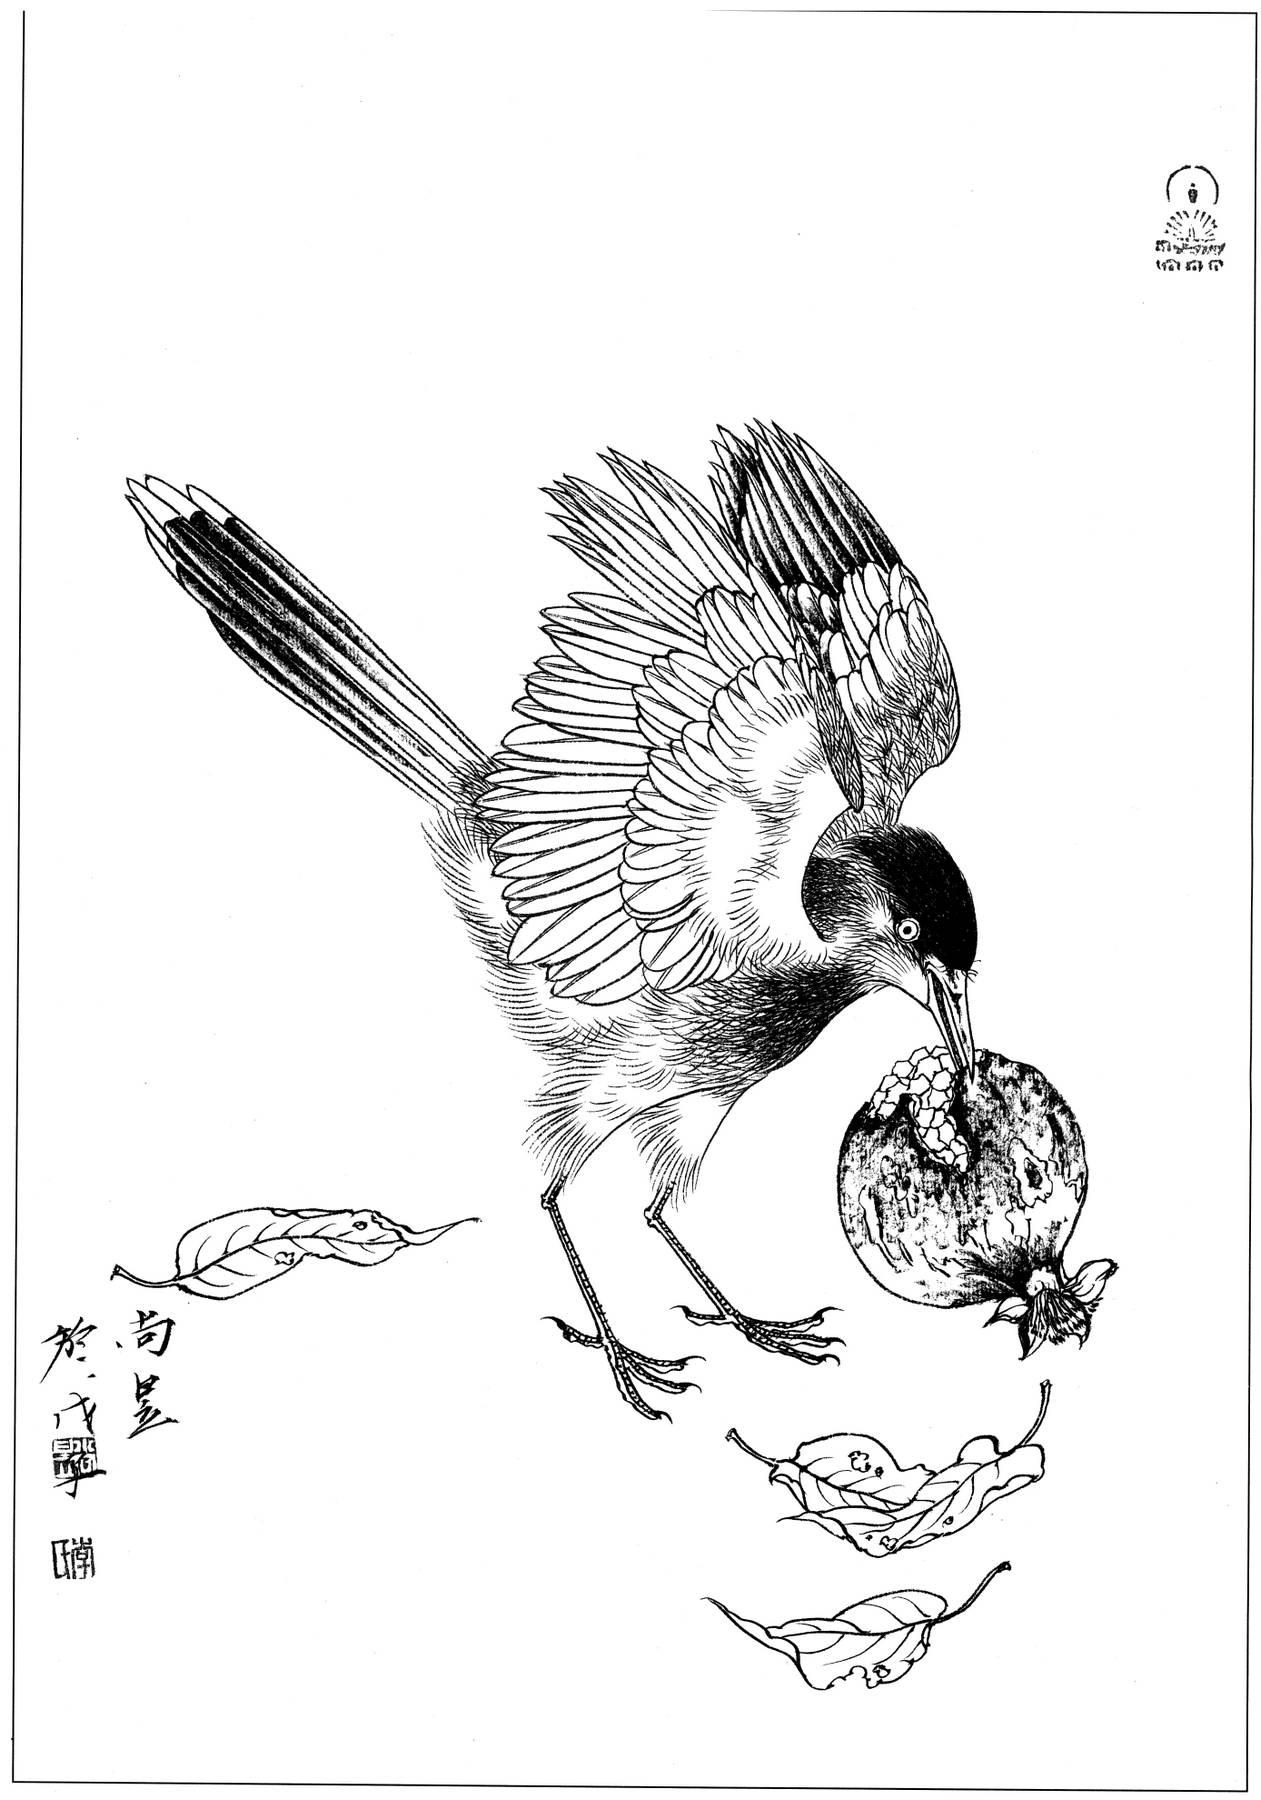 0159_工笔画花鸟白描线稿素材高清图喜鹊1_0x0PX_JPG_600DPI_3